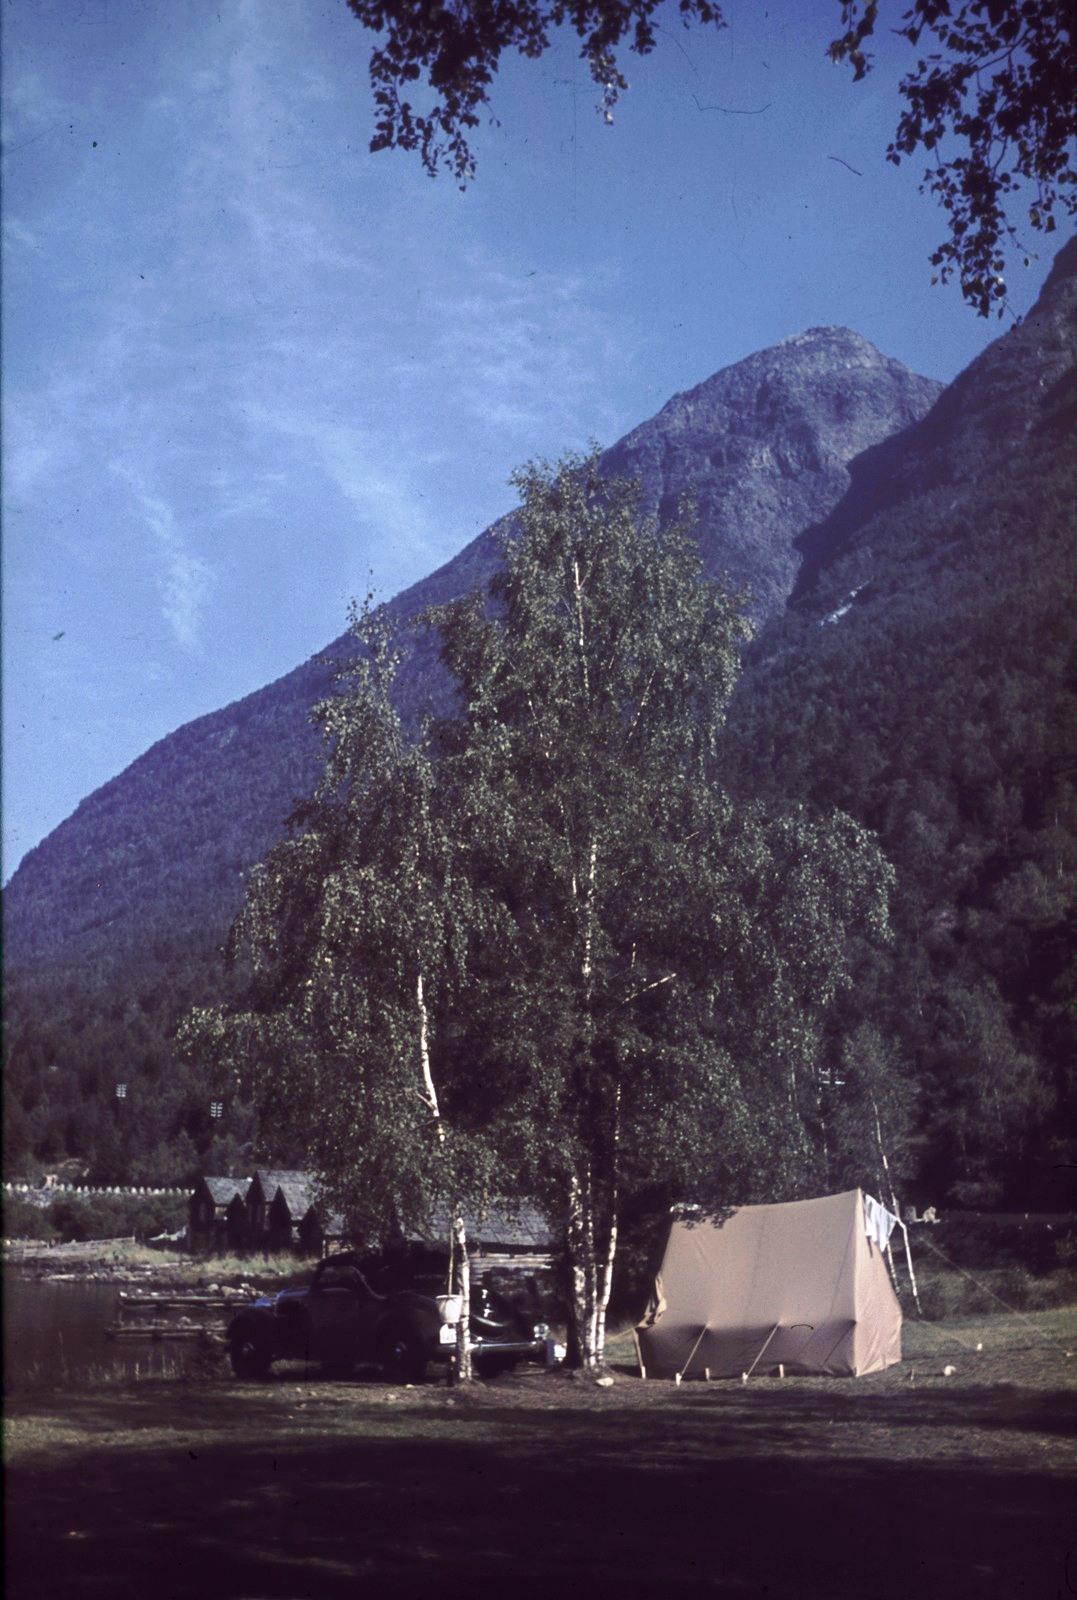 Нерёй-фьорд. Кемпинг в горной долине